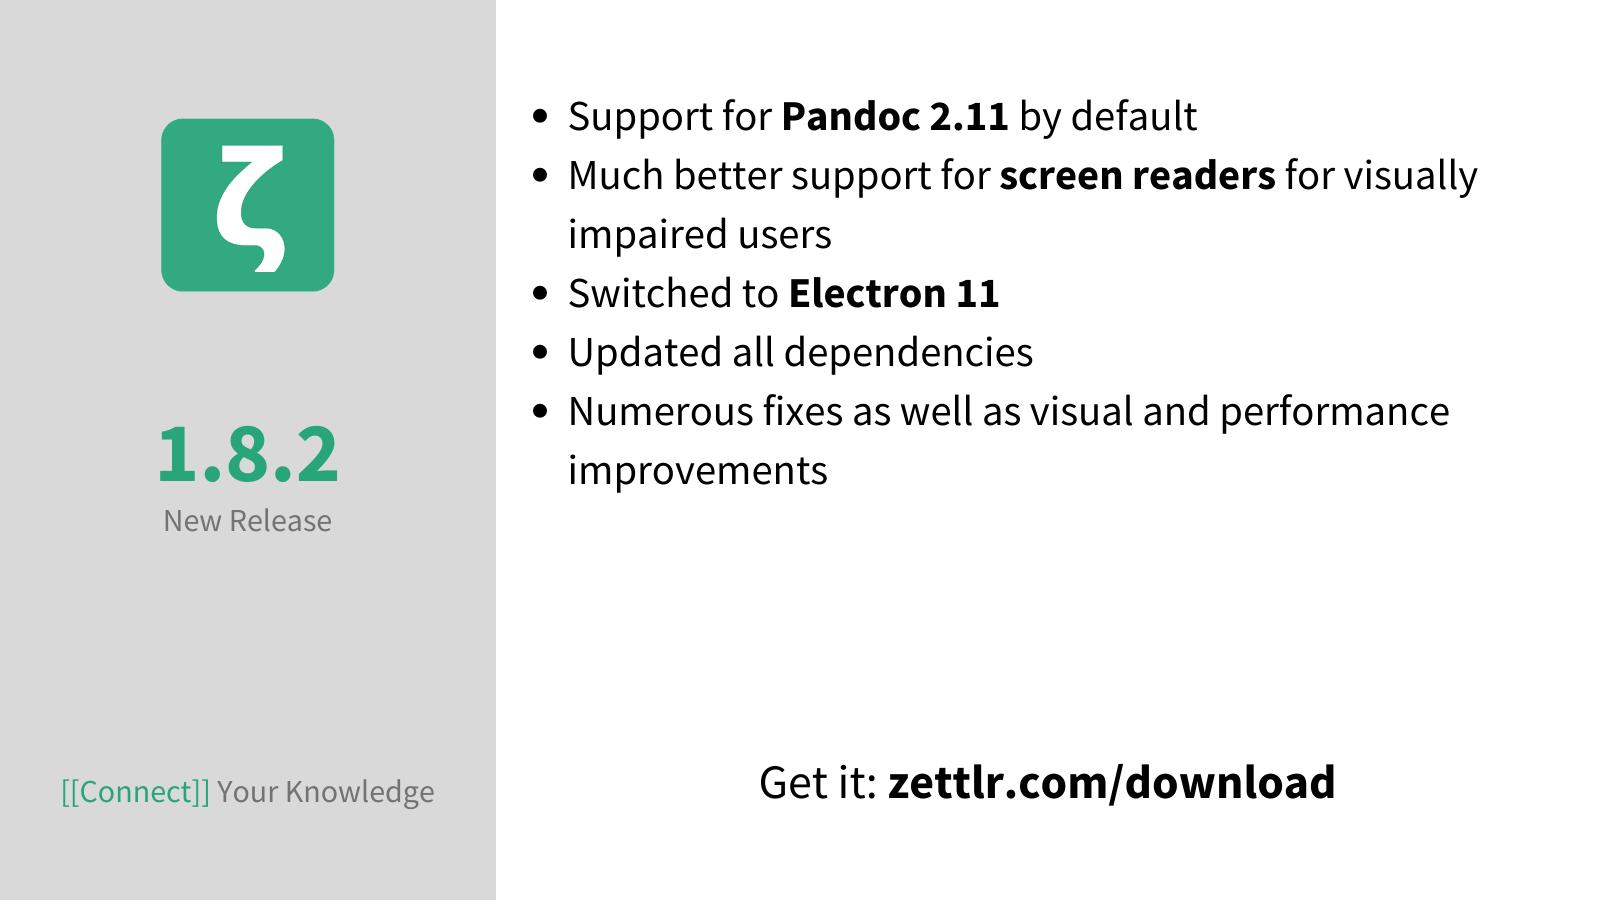 Zettlr 1.8.2 released